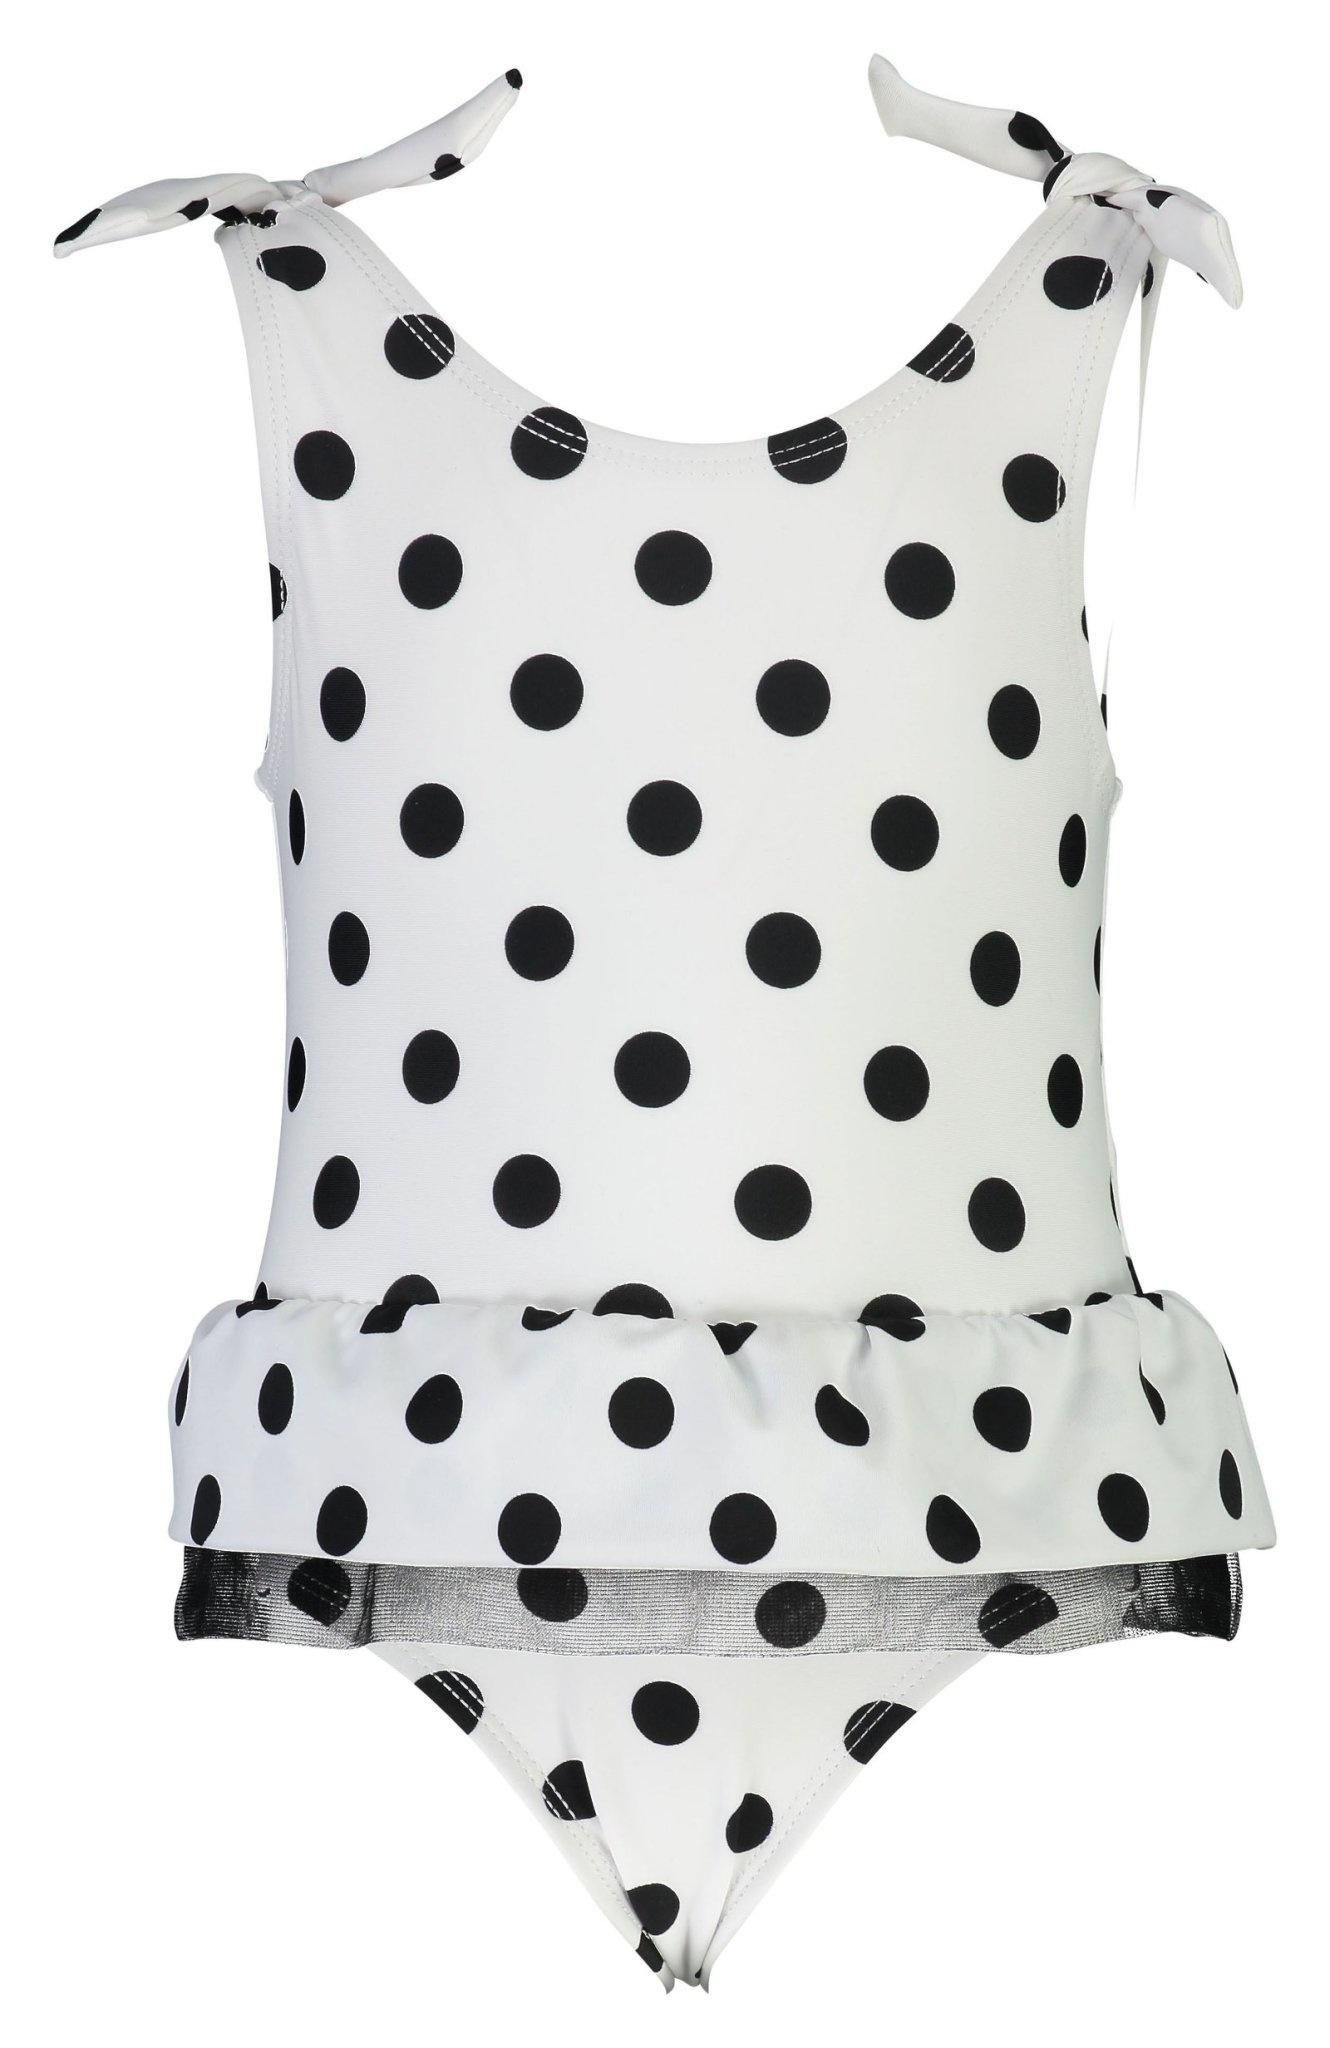 Snapper Rock Black/White Spot Skirt Swimsuit